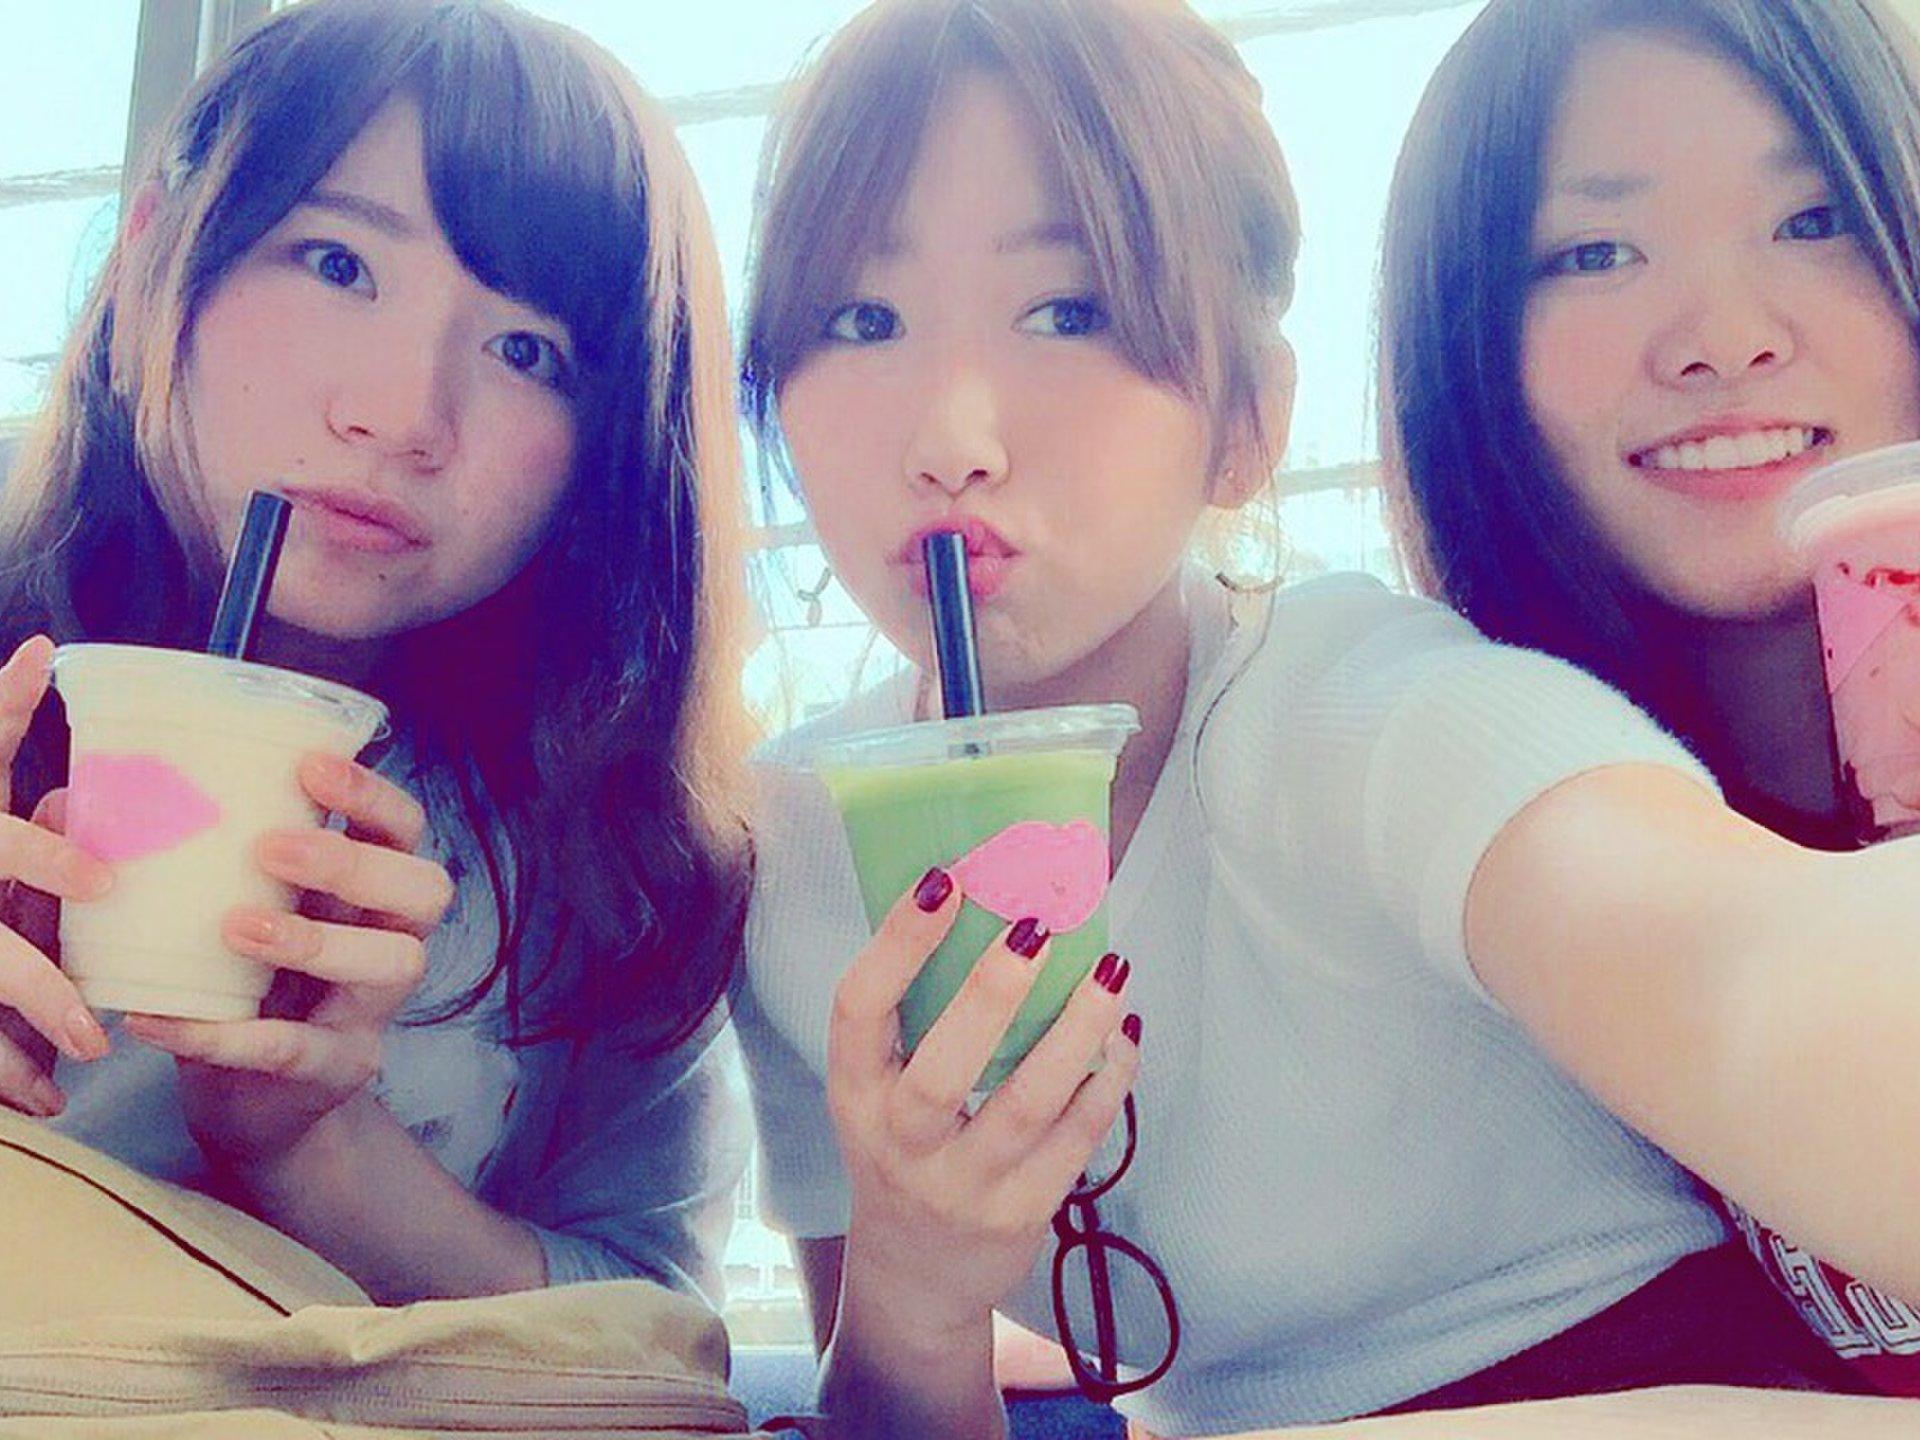 【都内でスムージーが飲めるおすすめカフェ10選】効果てきめん!ダイエットするなら低カロリーのスムージーで決まり!